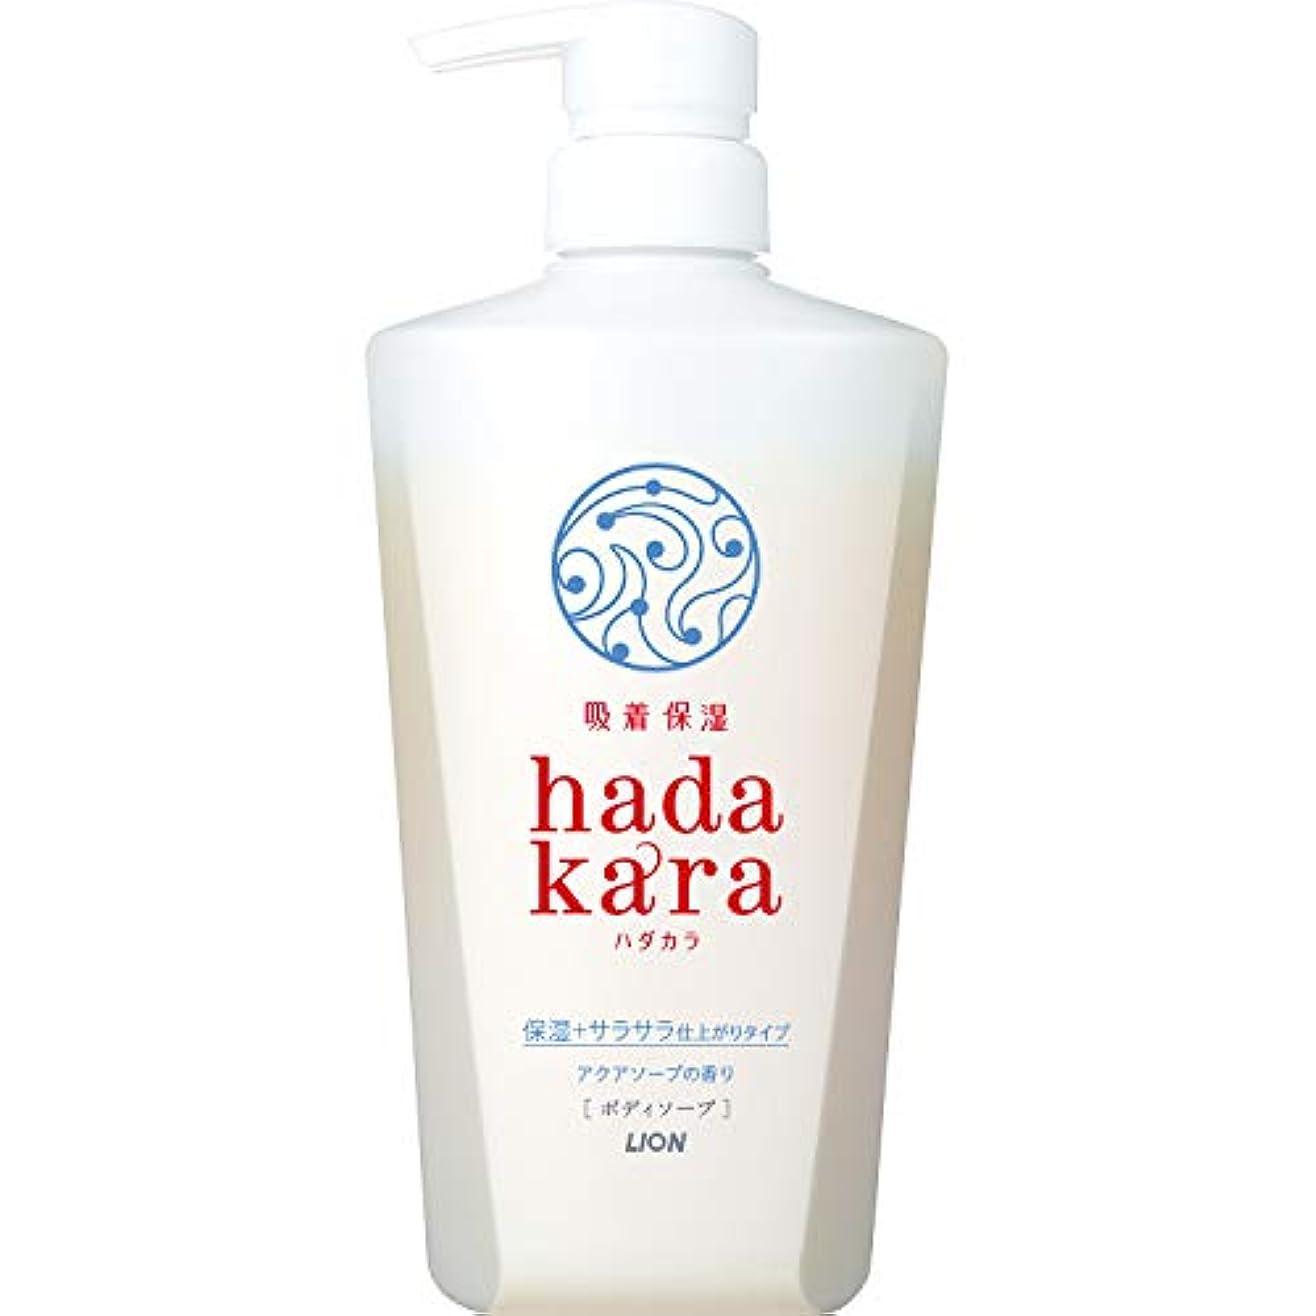 援助ホップ科学的hadakara(ハダカラ) ボディソープ 保湿+サラサラ仕上がりタイプ アクアソープの香り 本体 480ml